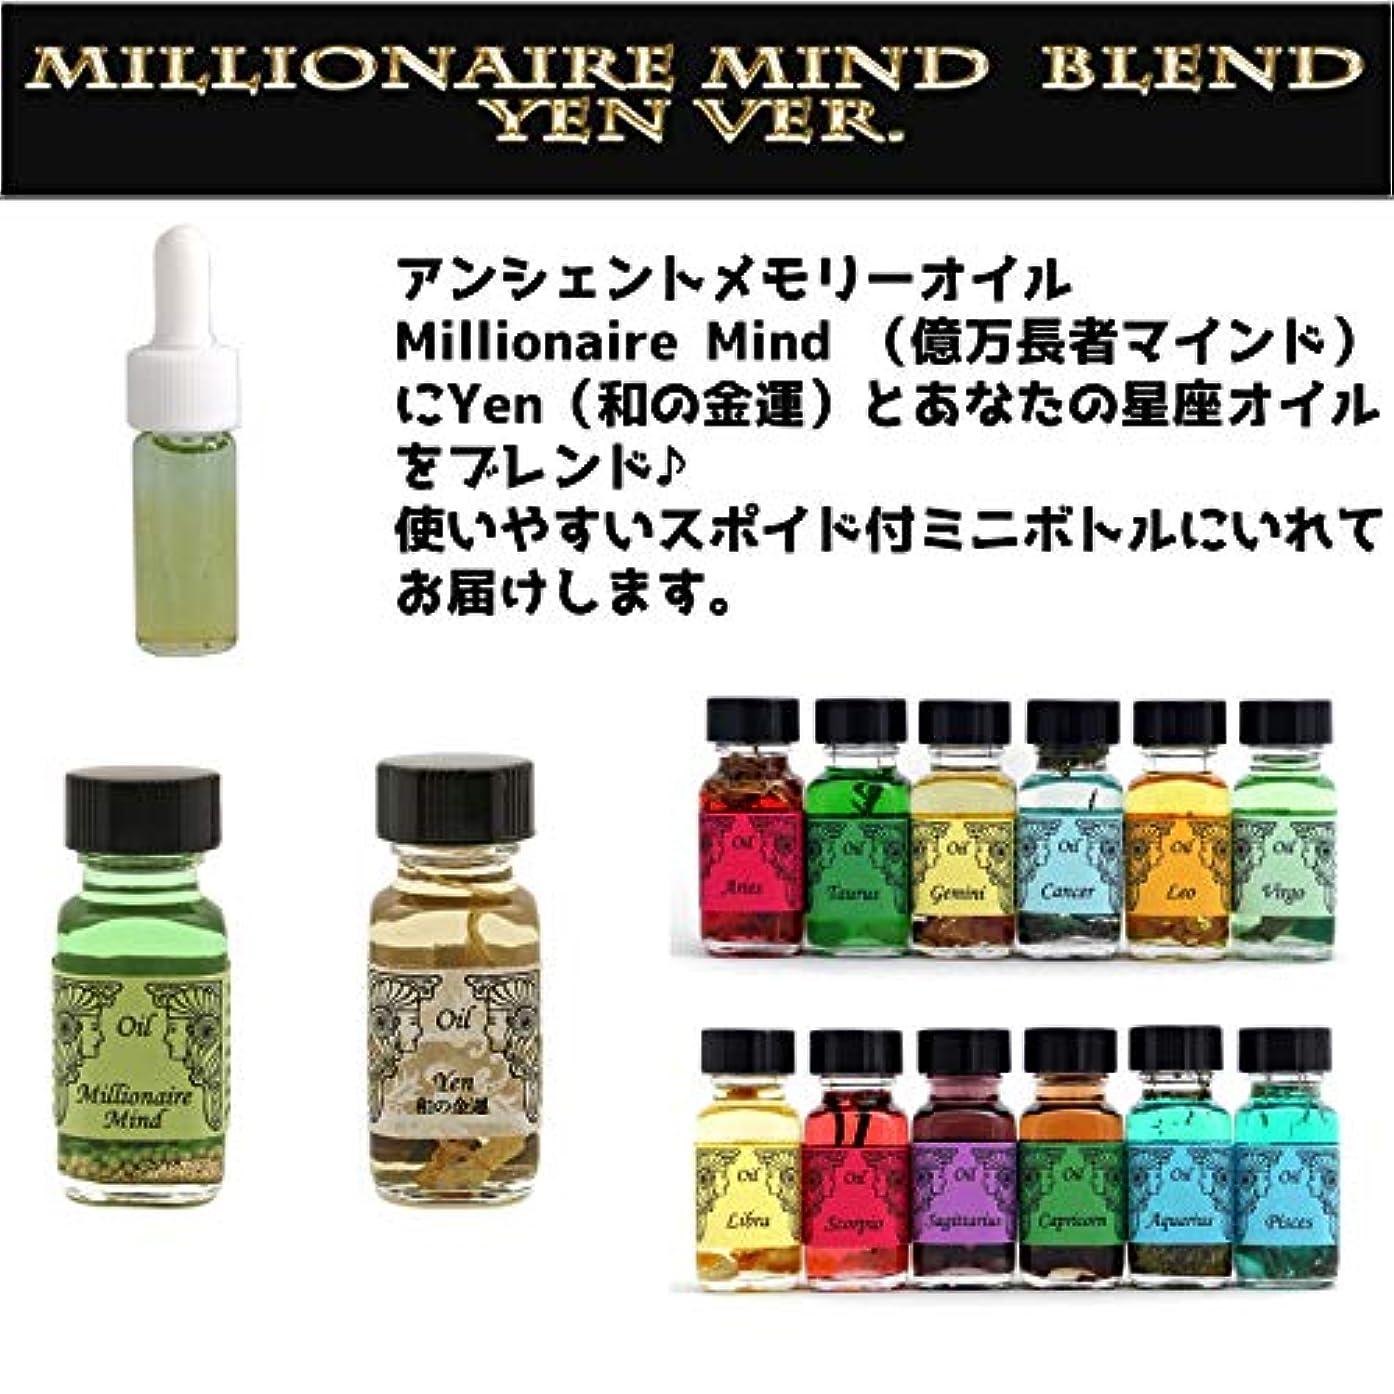 意味するペインティングパントリーアンシェントメモリーオイル Millionaire Mind 億万長者マインド ブレンド【Yen 和の金運&やぎ座】